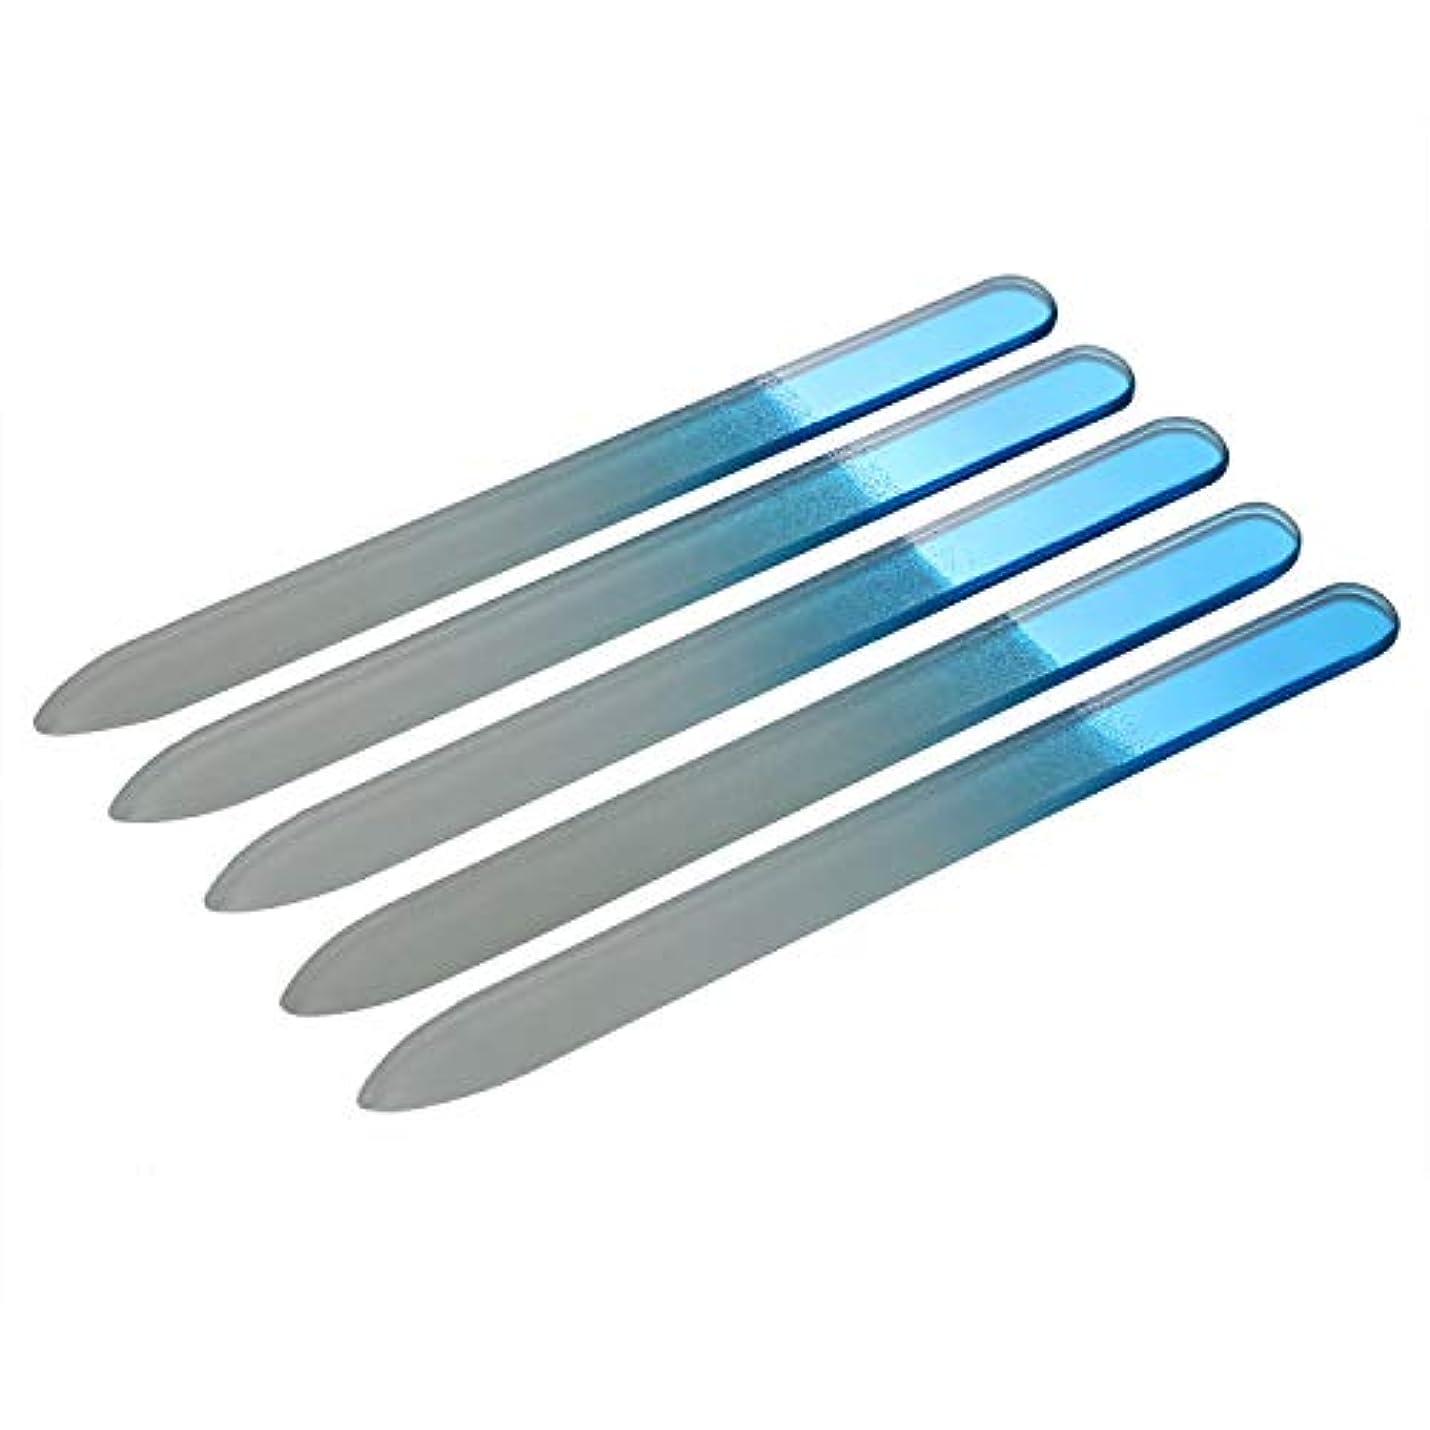 生きるフィヨルド恐れJewelryWe 爪やすり 爪磨き ネイルヤスリ ガラス製 両面タイプ 5本セット ブルー